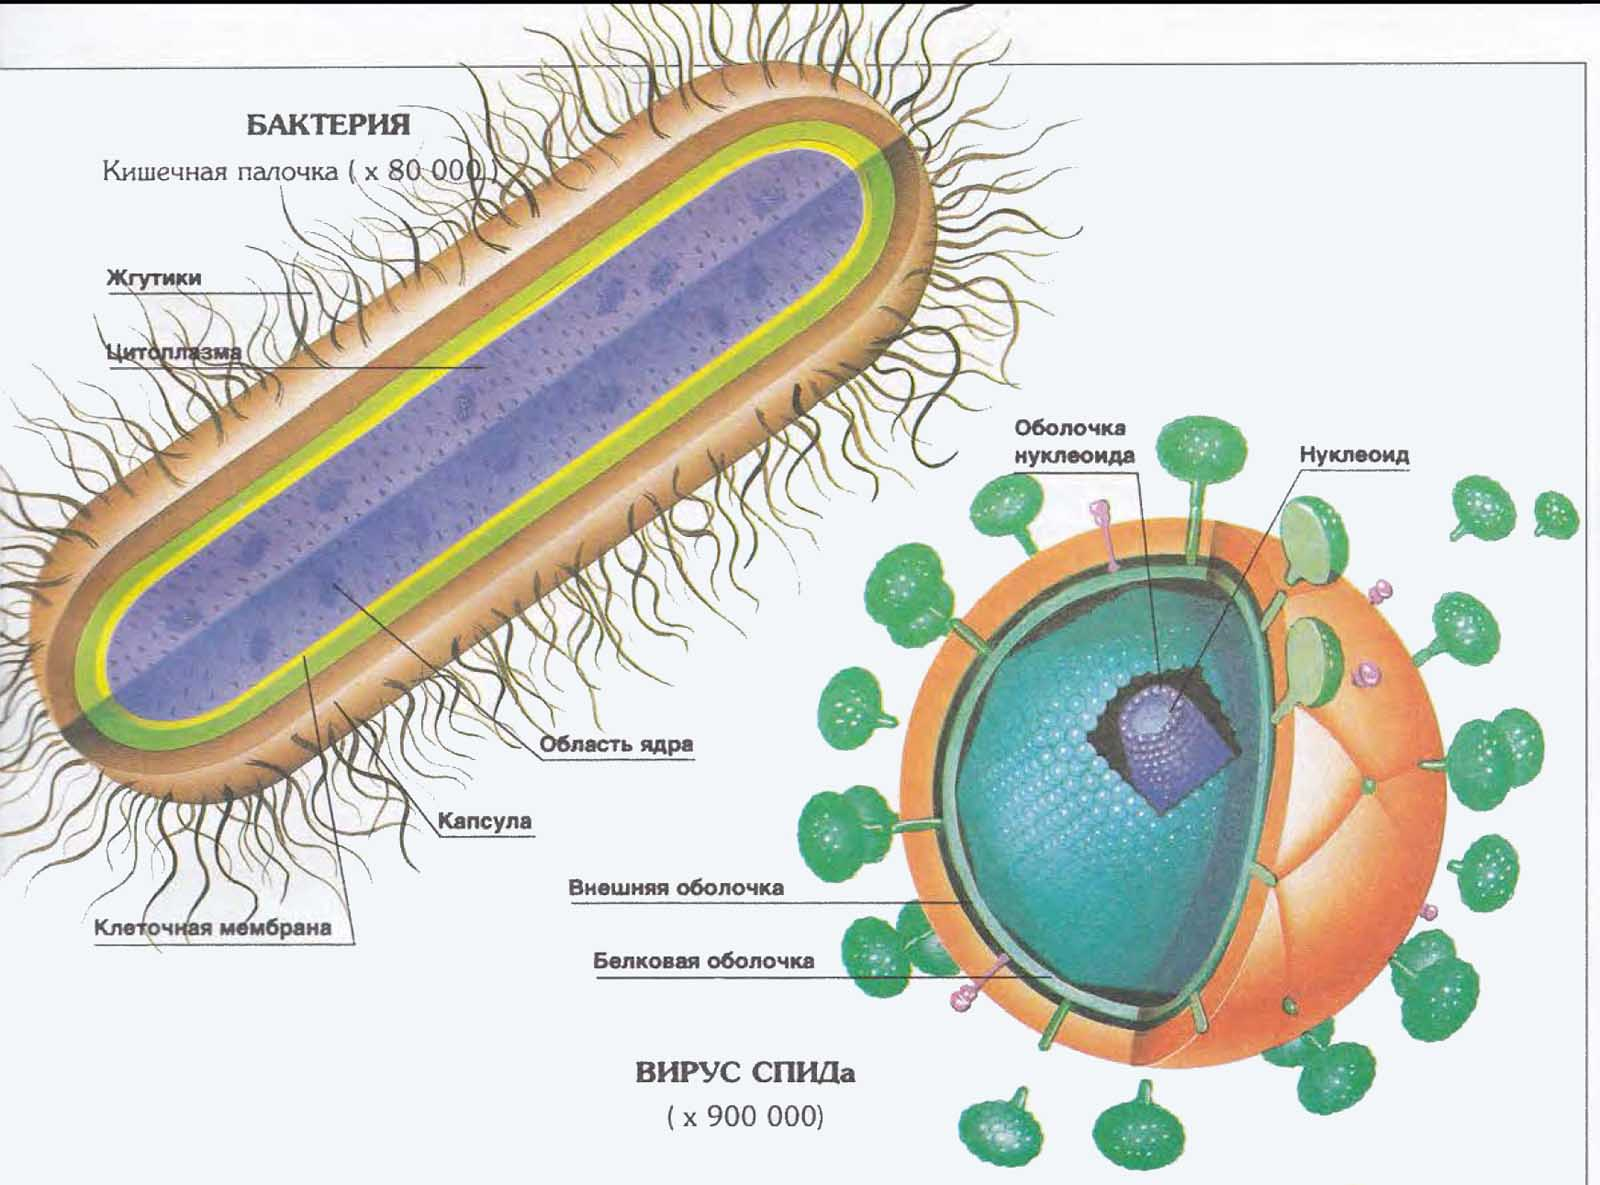 Бактерии — общая характеристика. классификация, строение, питание и роль бактерий в природе